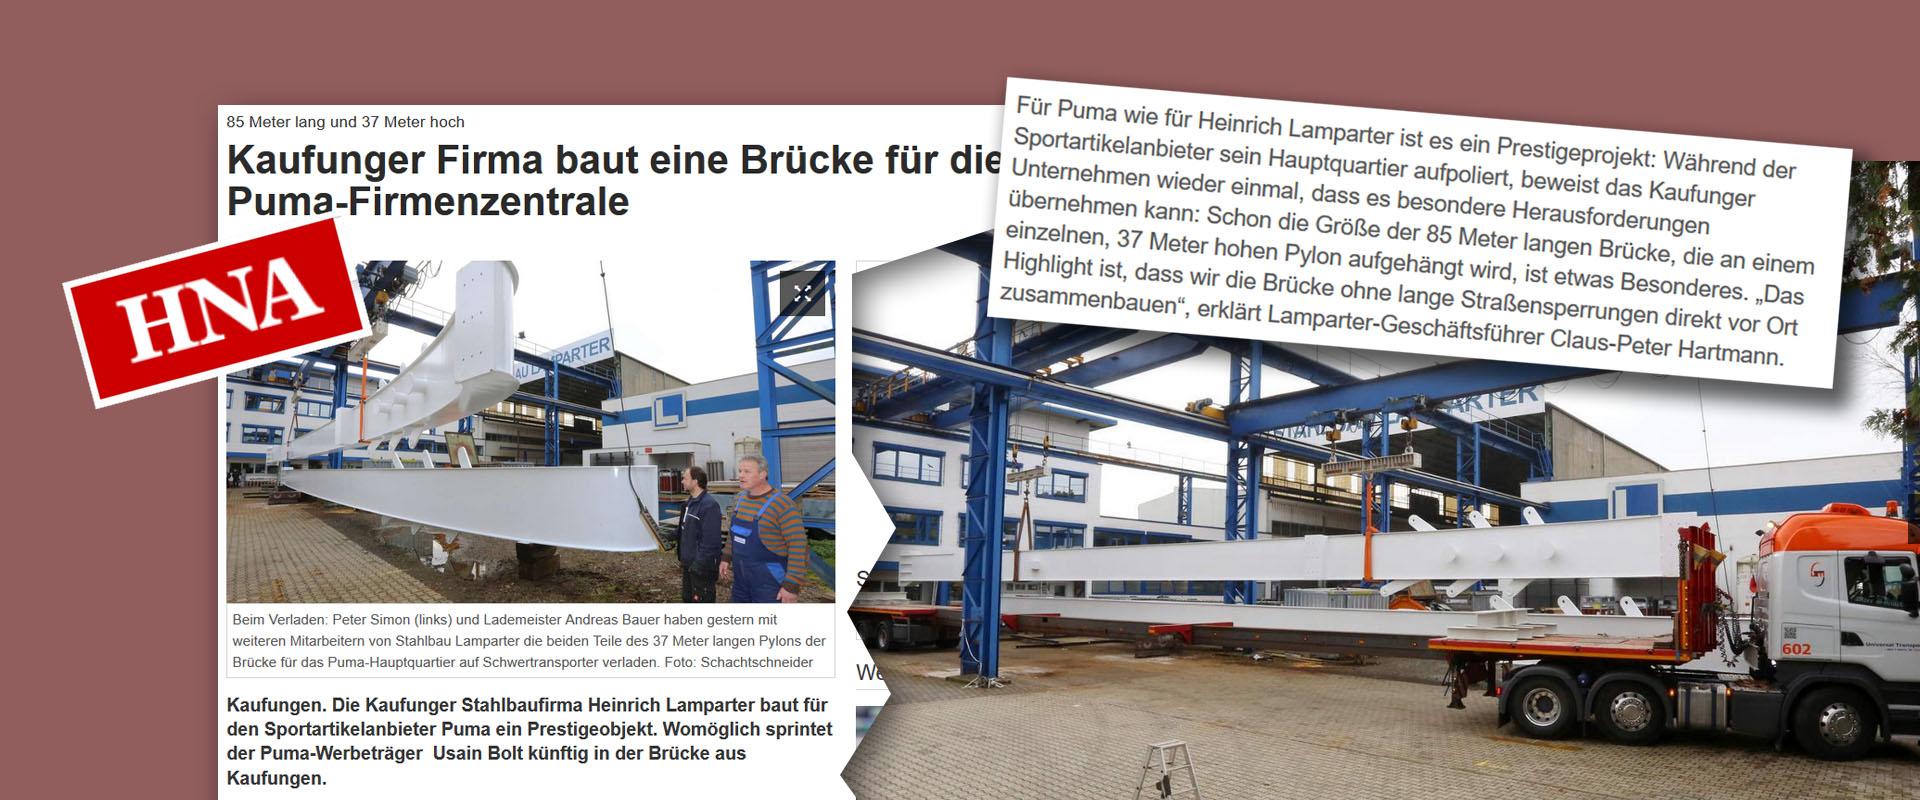 HNA Hessisch Niedersächsische Allgemeine Stahlbau Lamparter